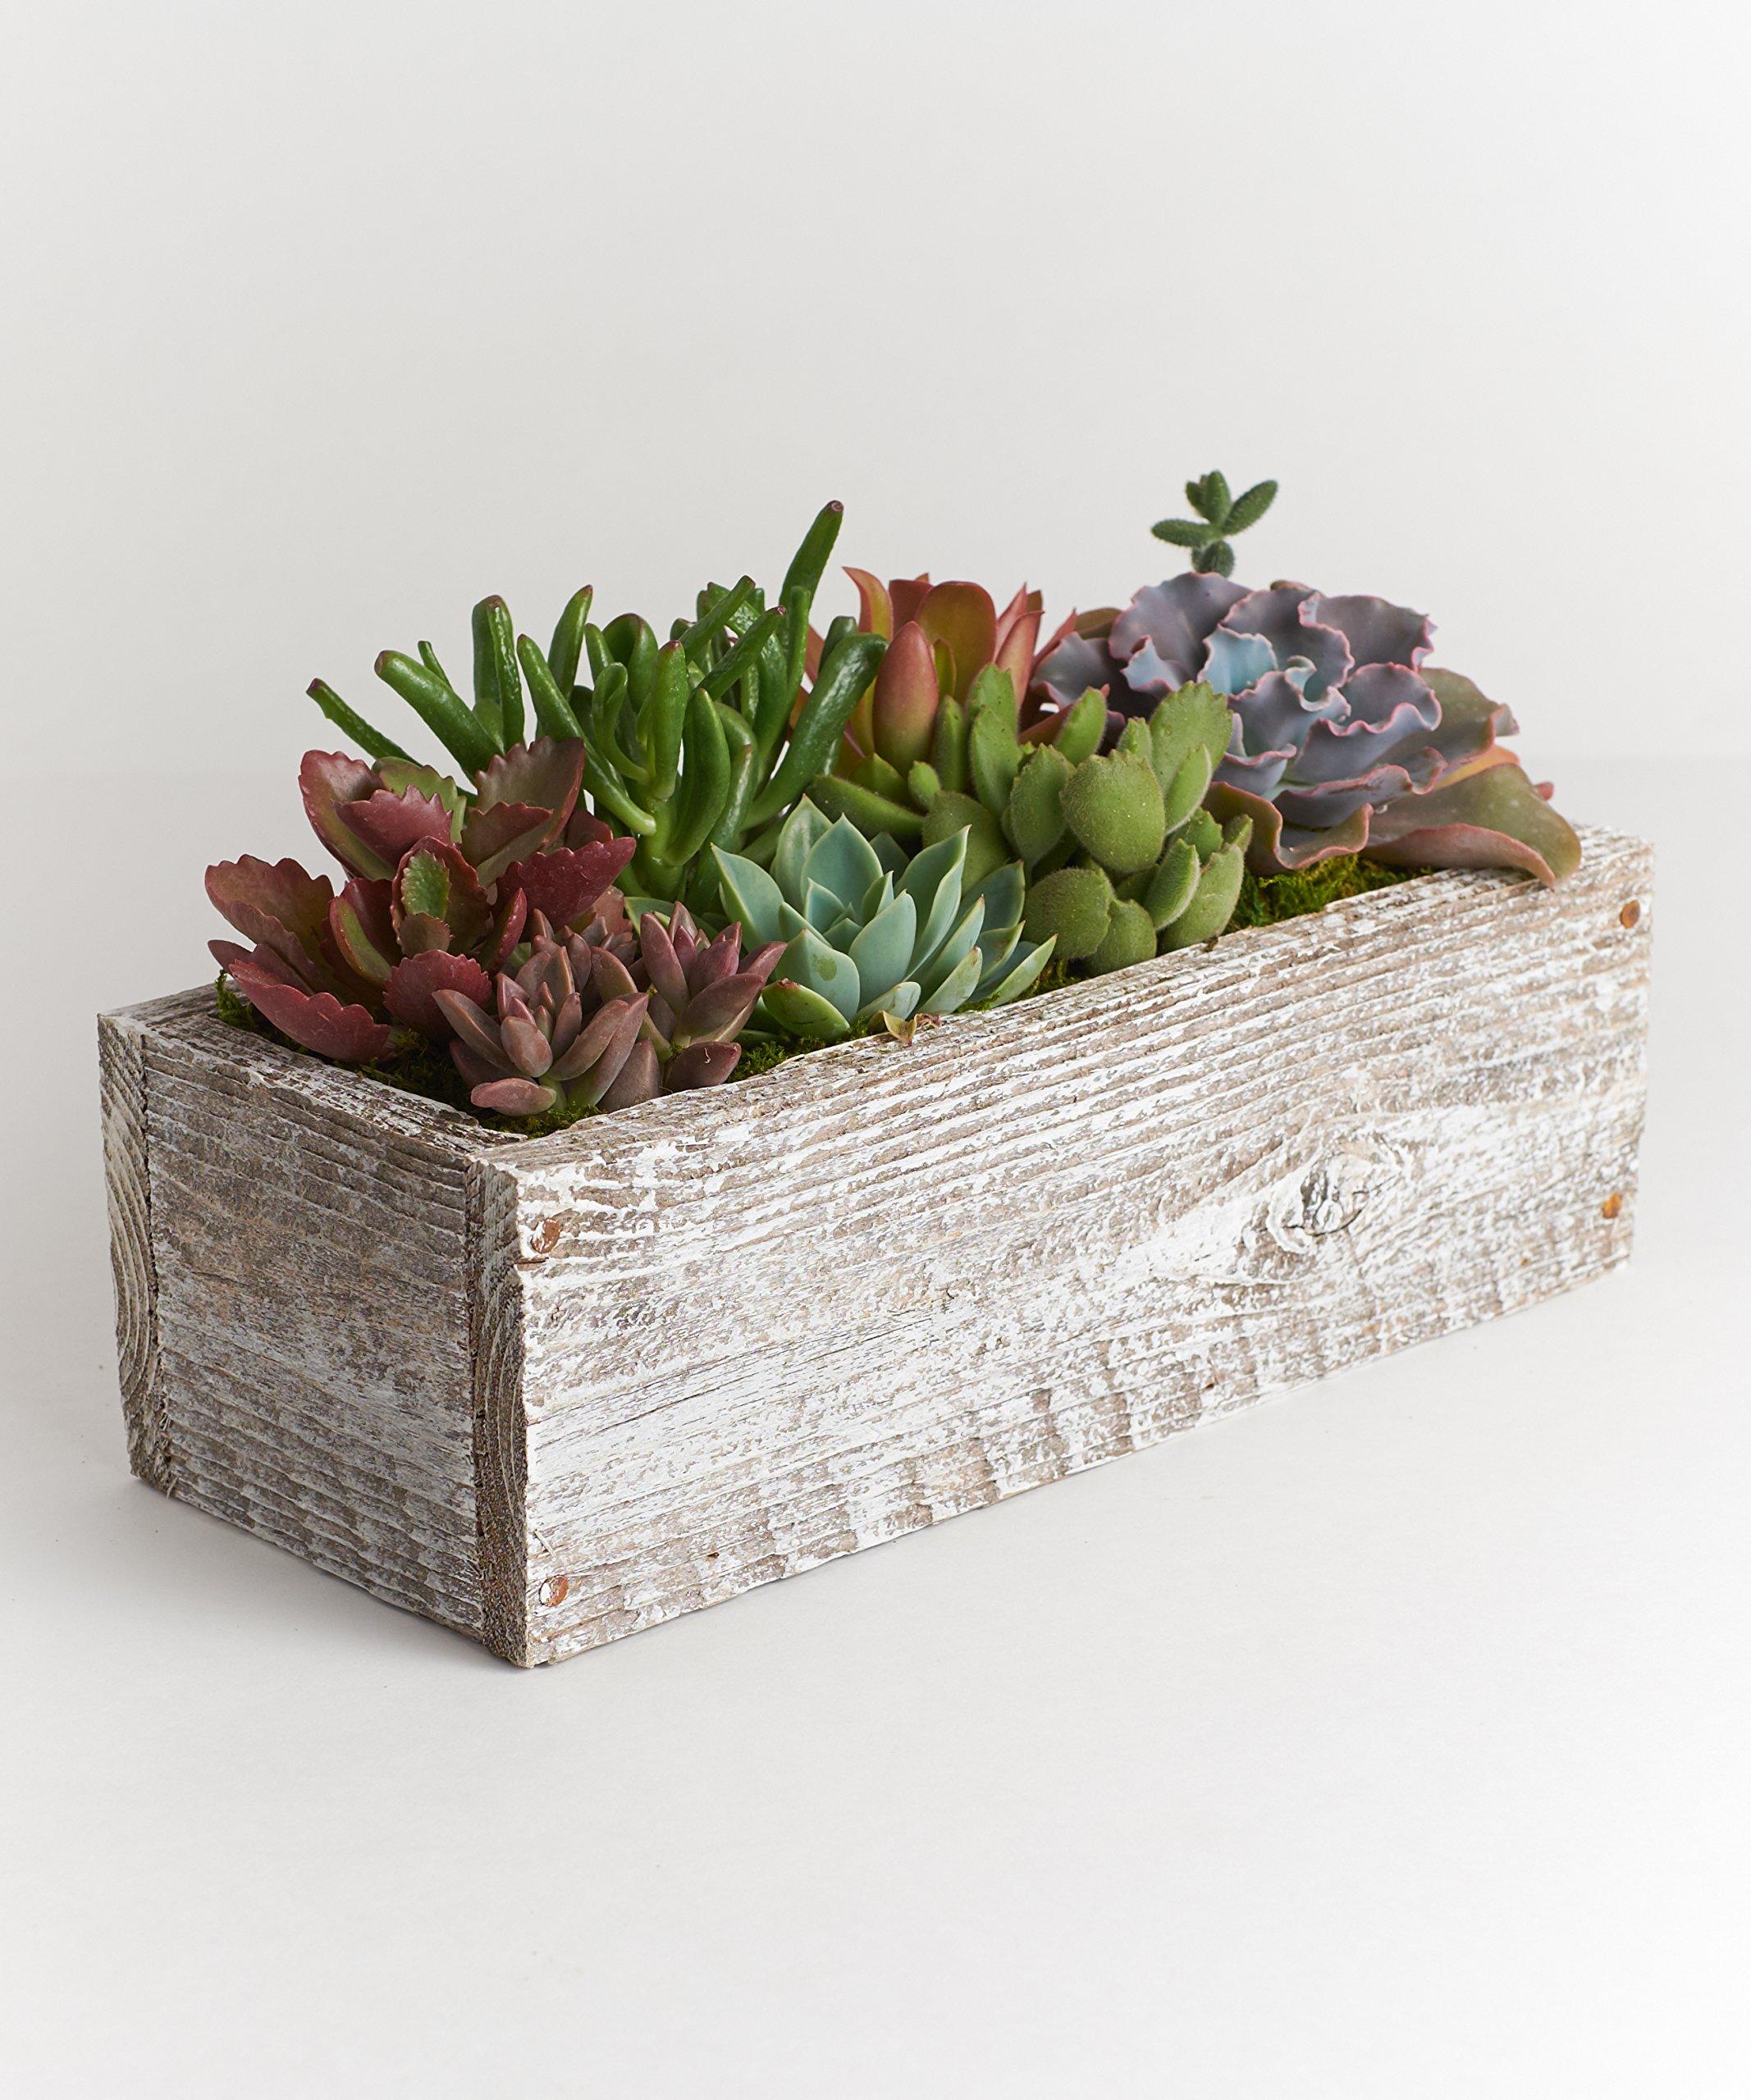 Shop Succulents 12'' Wood Succulent Planter - Comes Planted with Live Succulent Plants (White)